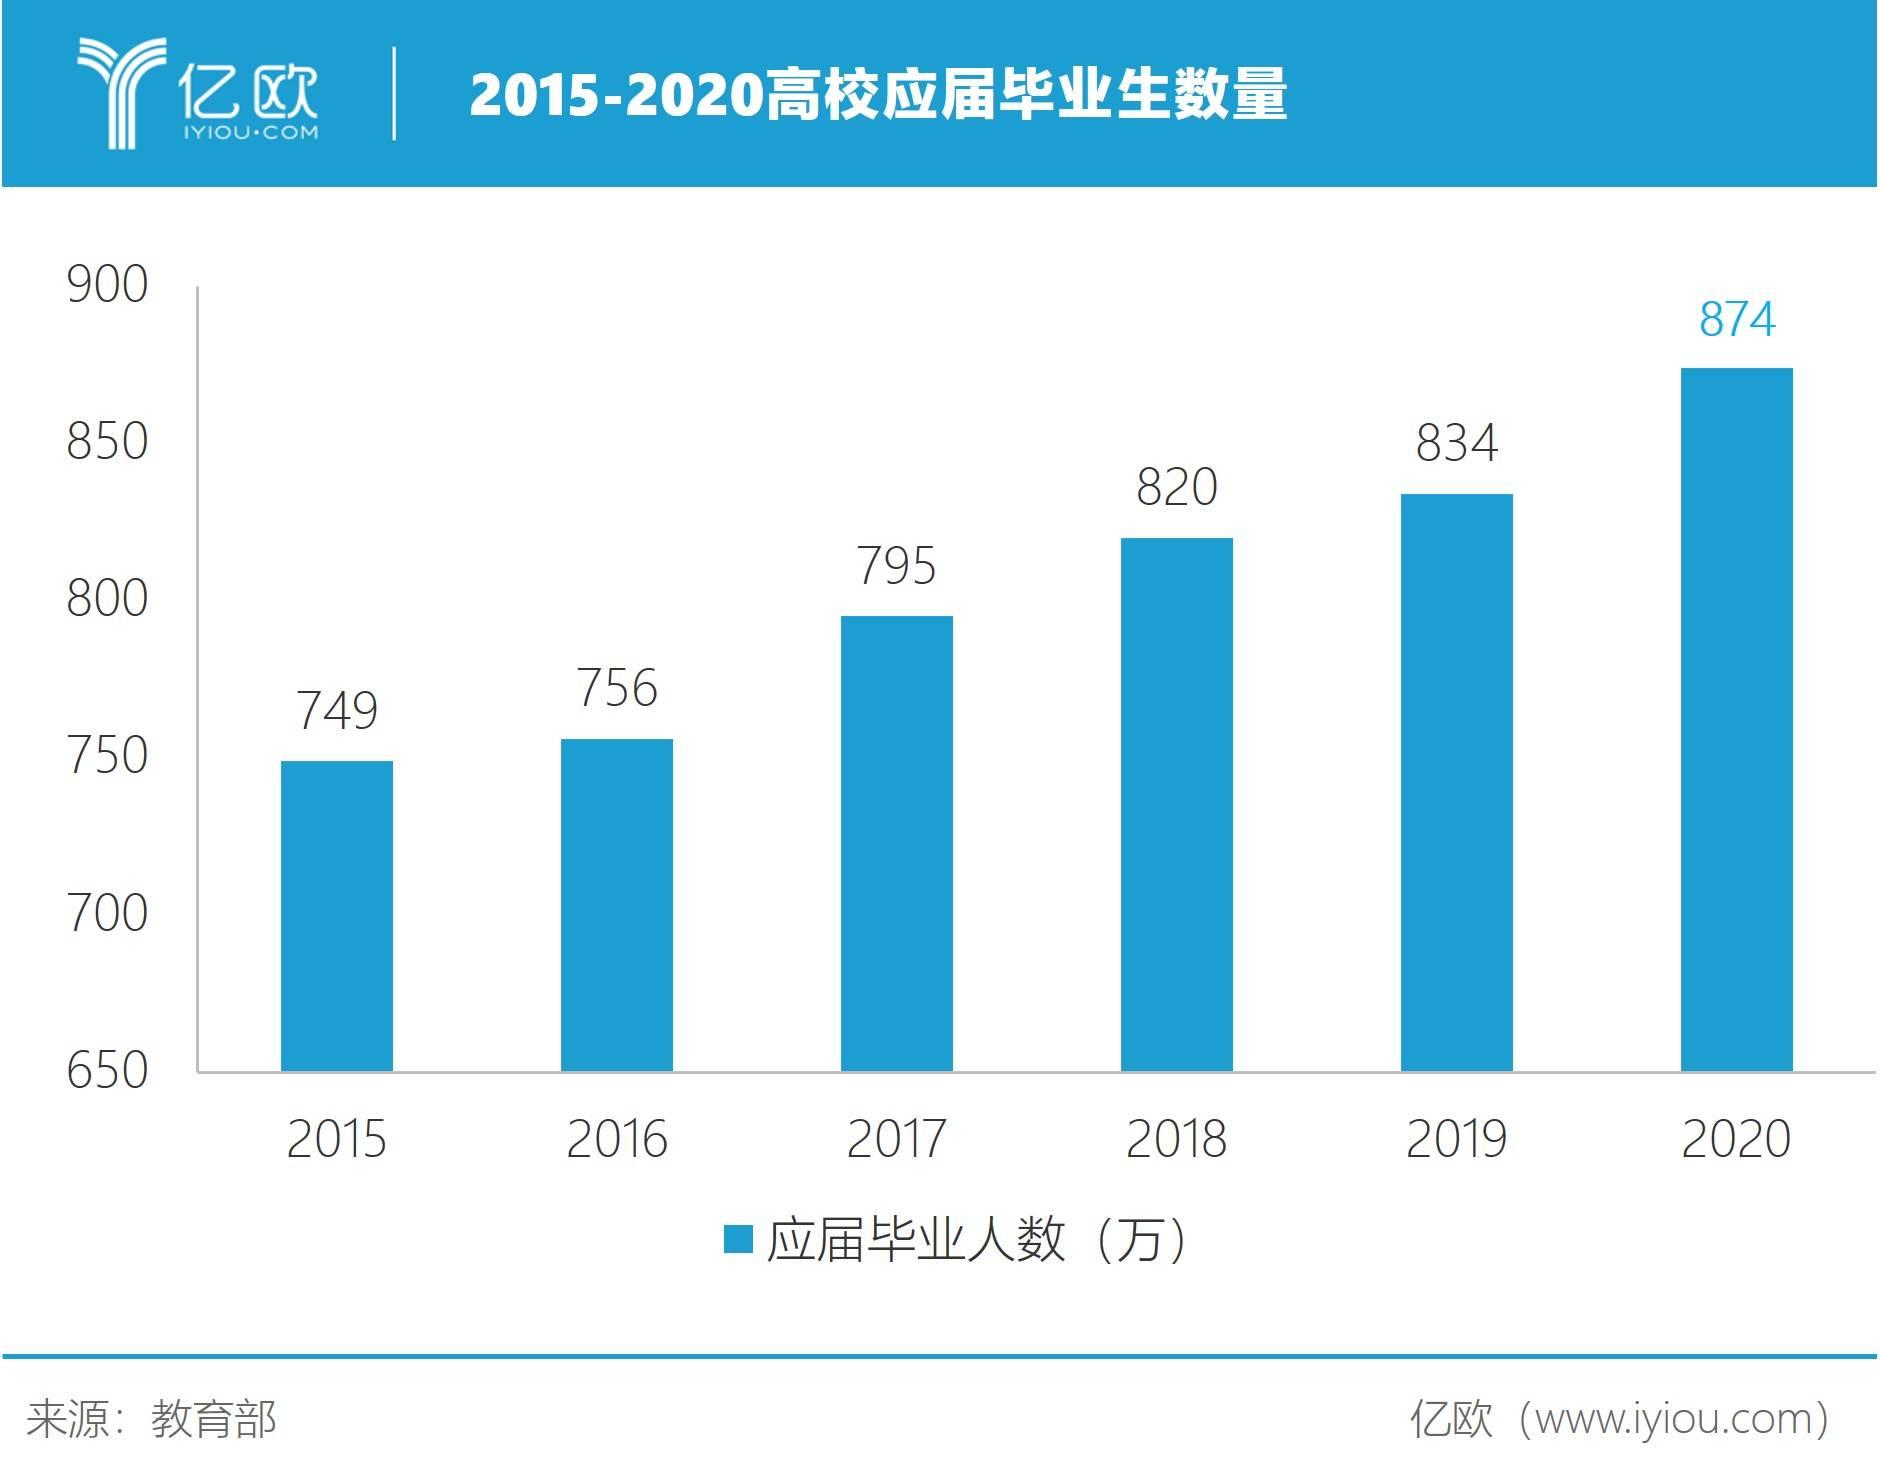 2015-2020高校应届毕业生数量